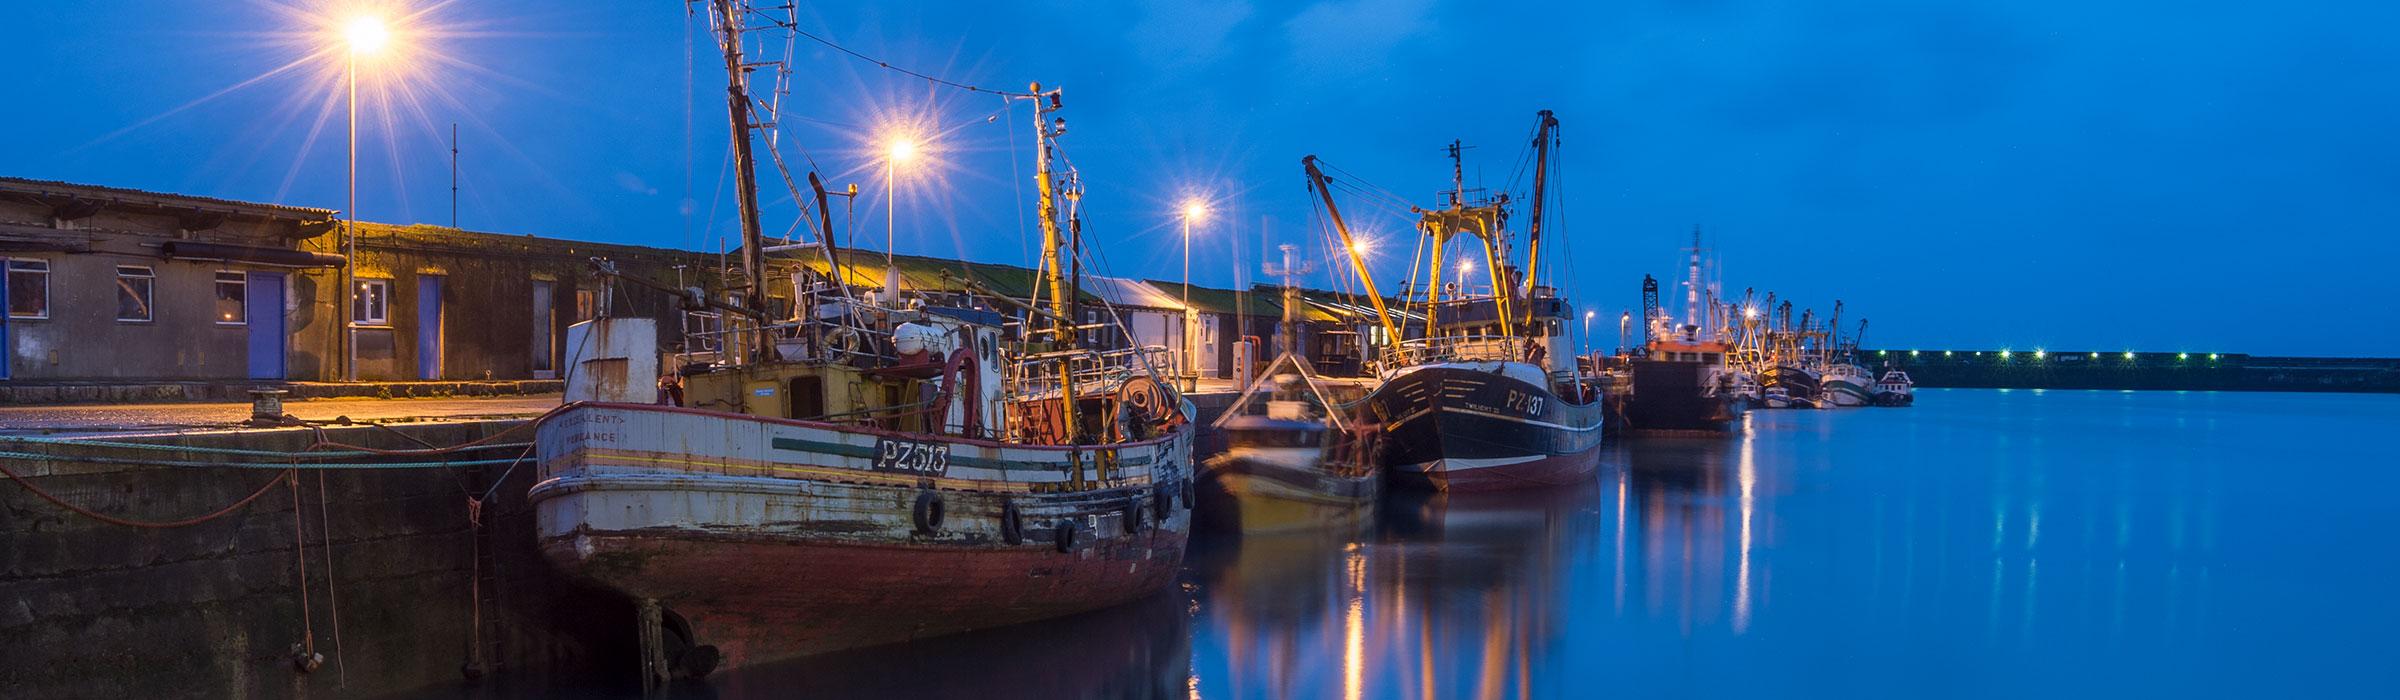 Fotoreise Cornwall Schiffe